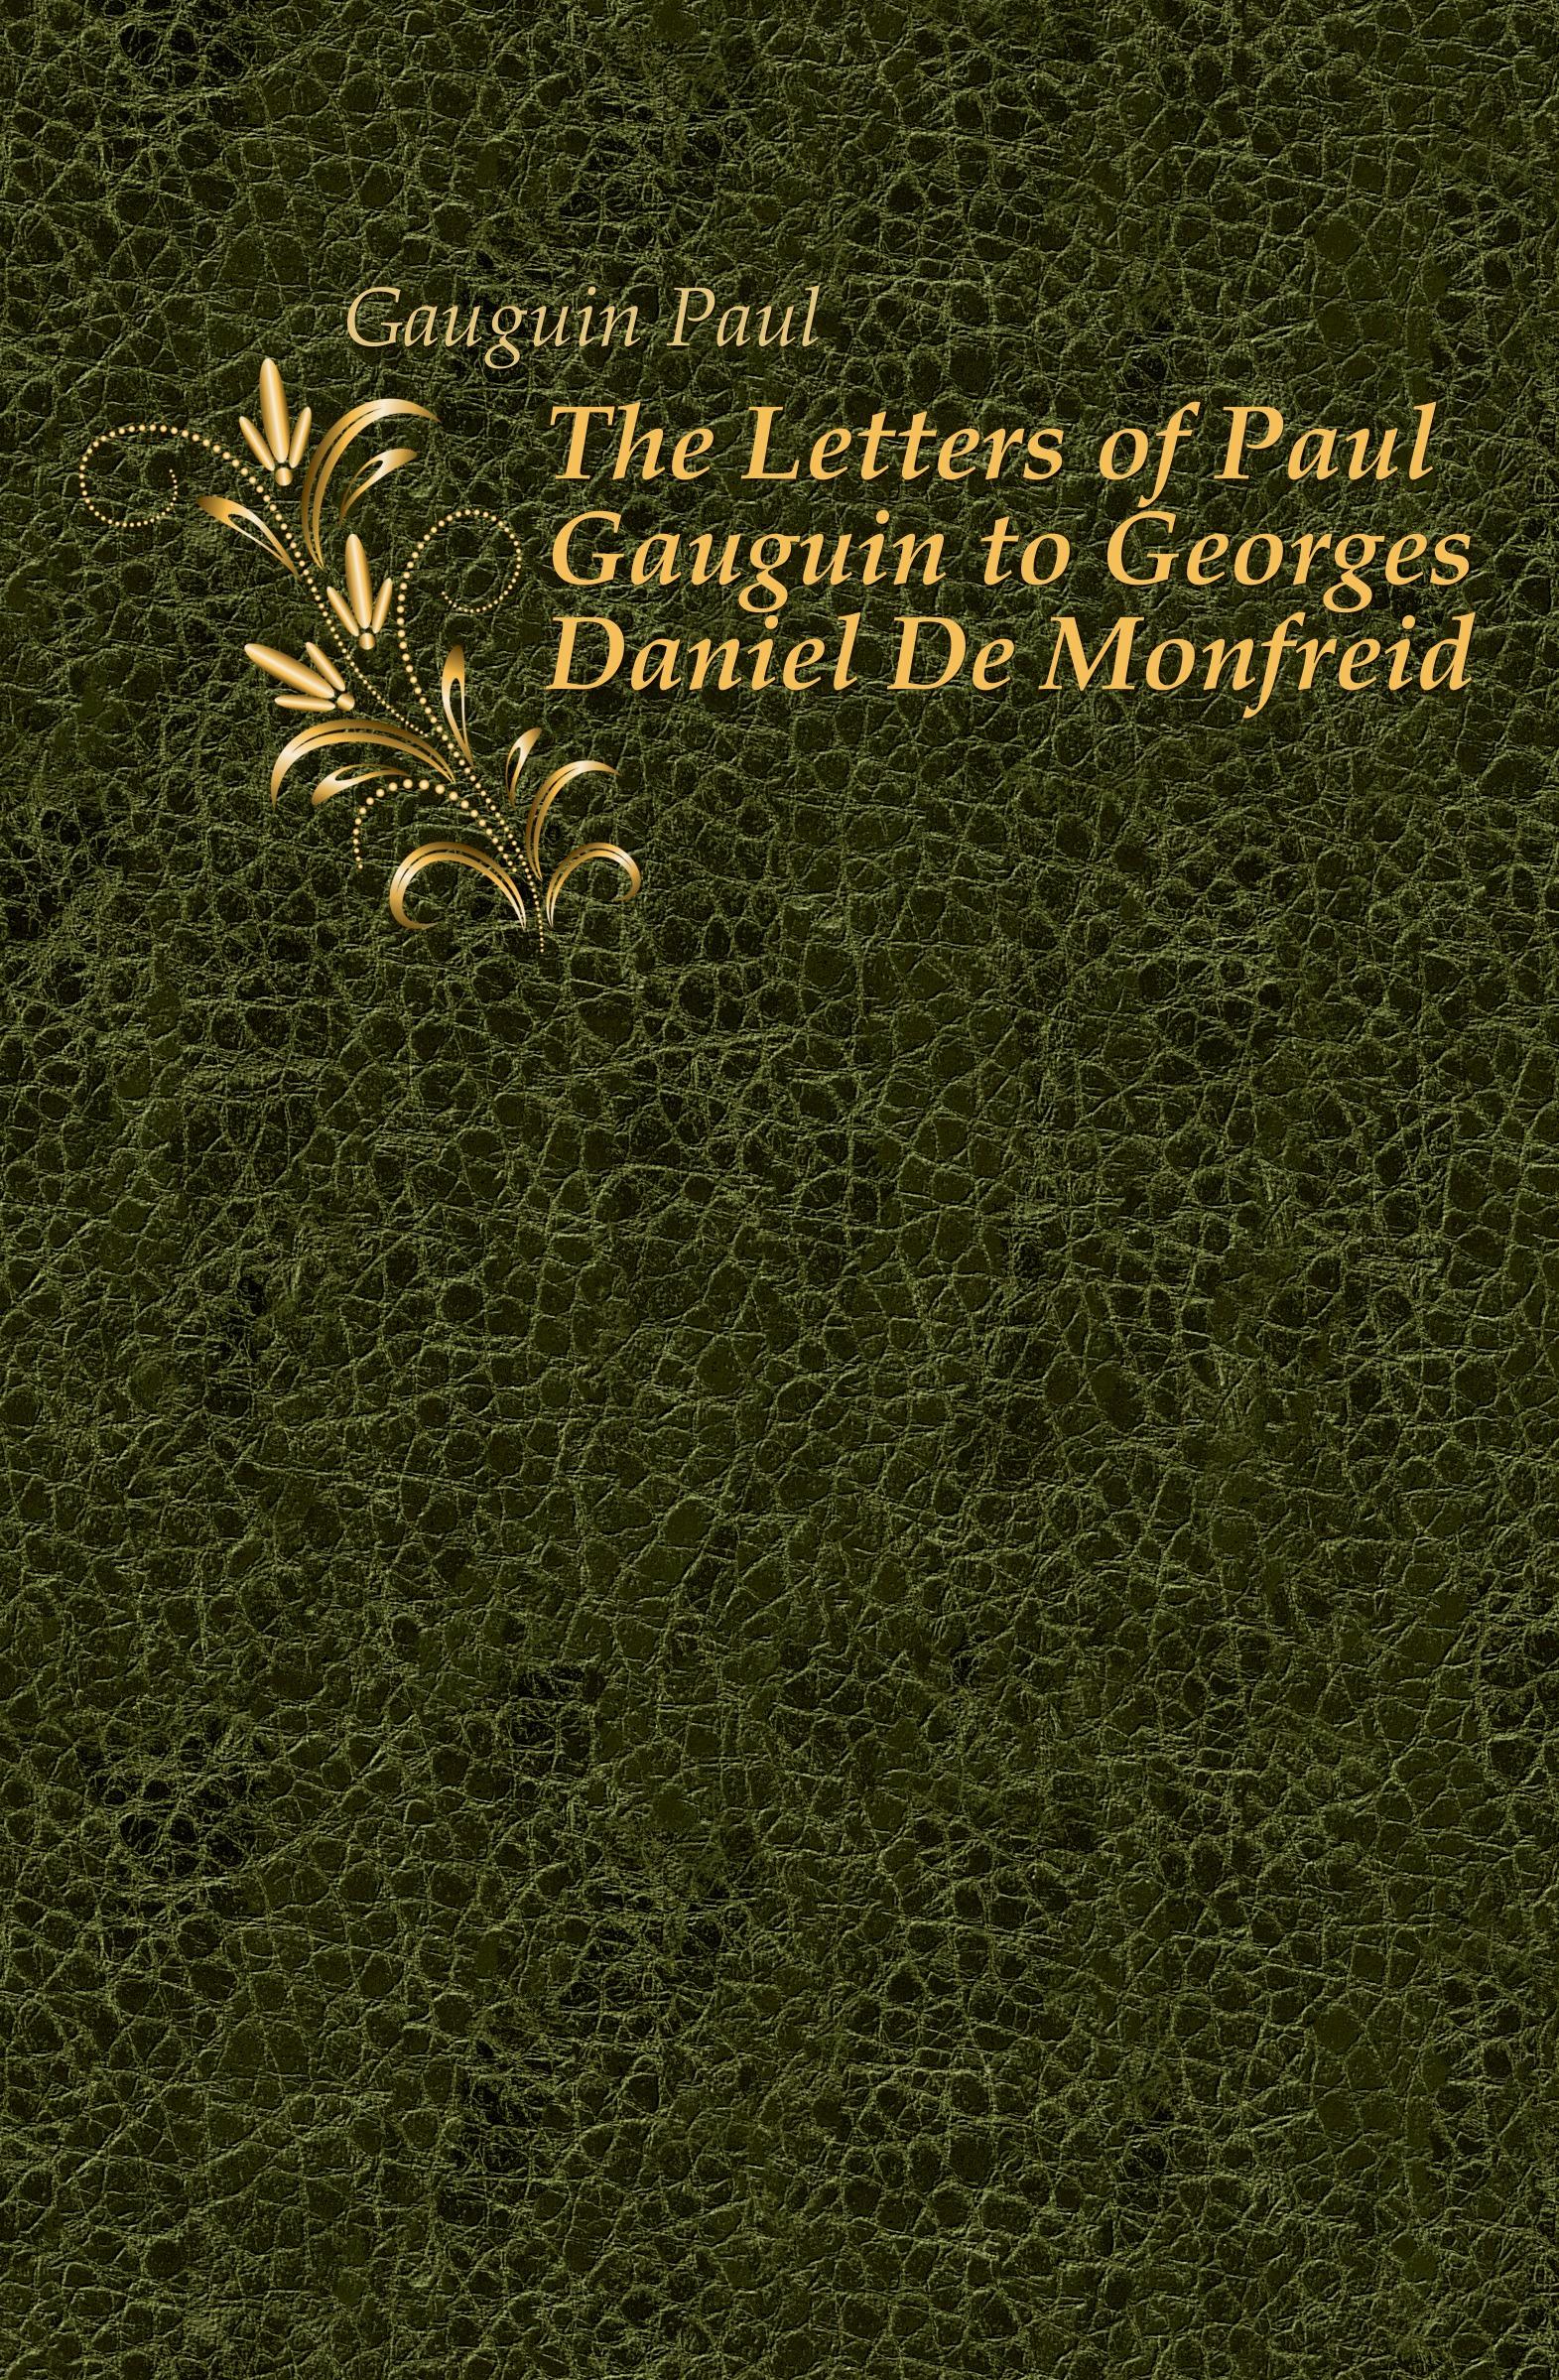 Gauguin Paul The Letters of Paul Gauguin to Georges Daniel De Monfreid paul gauguin